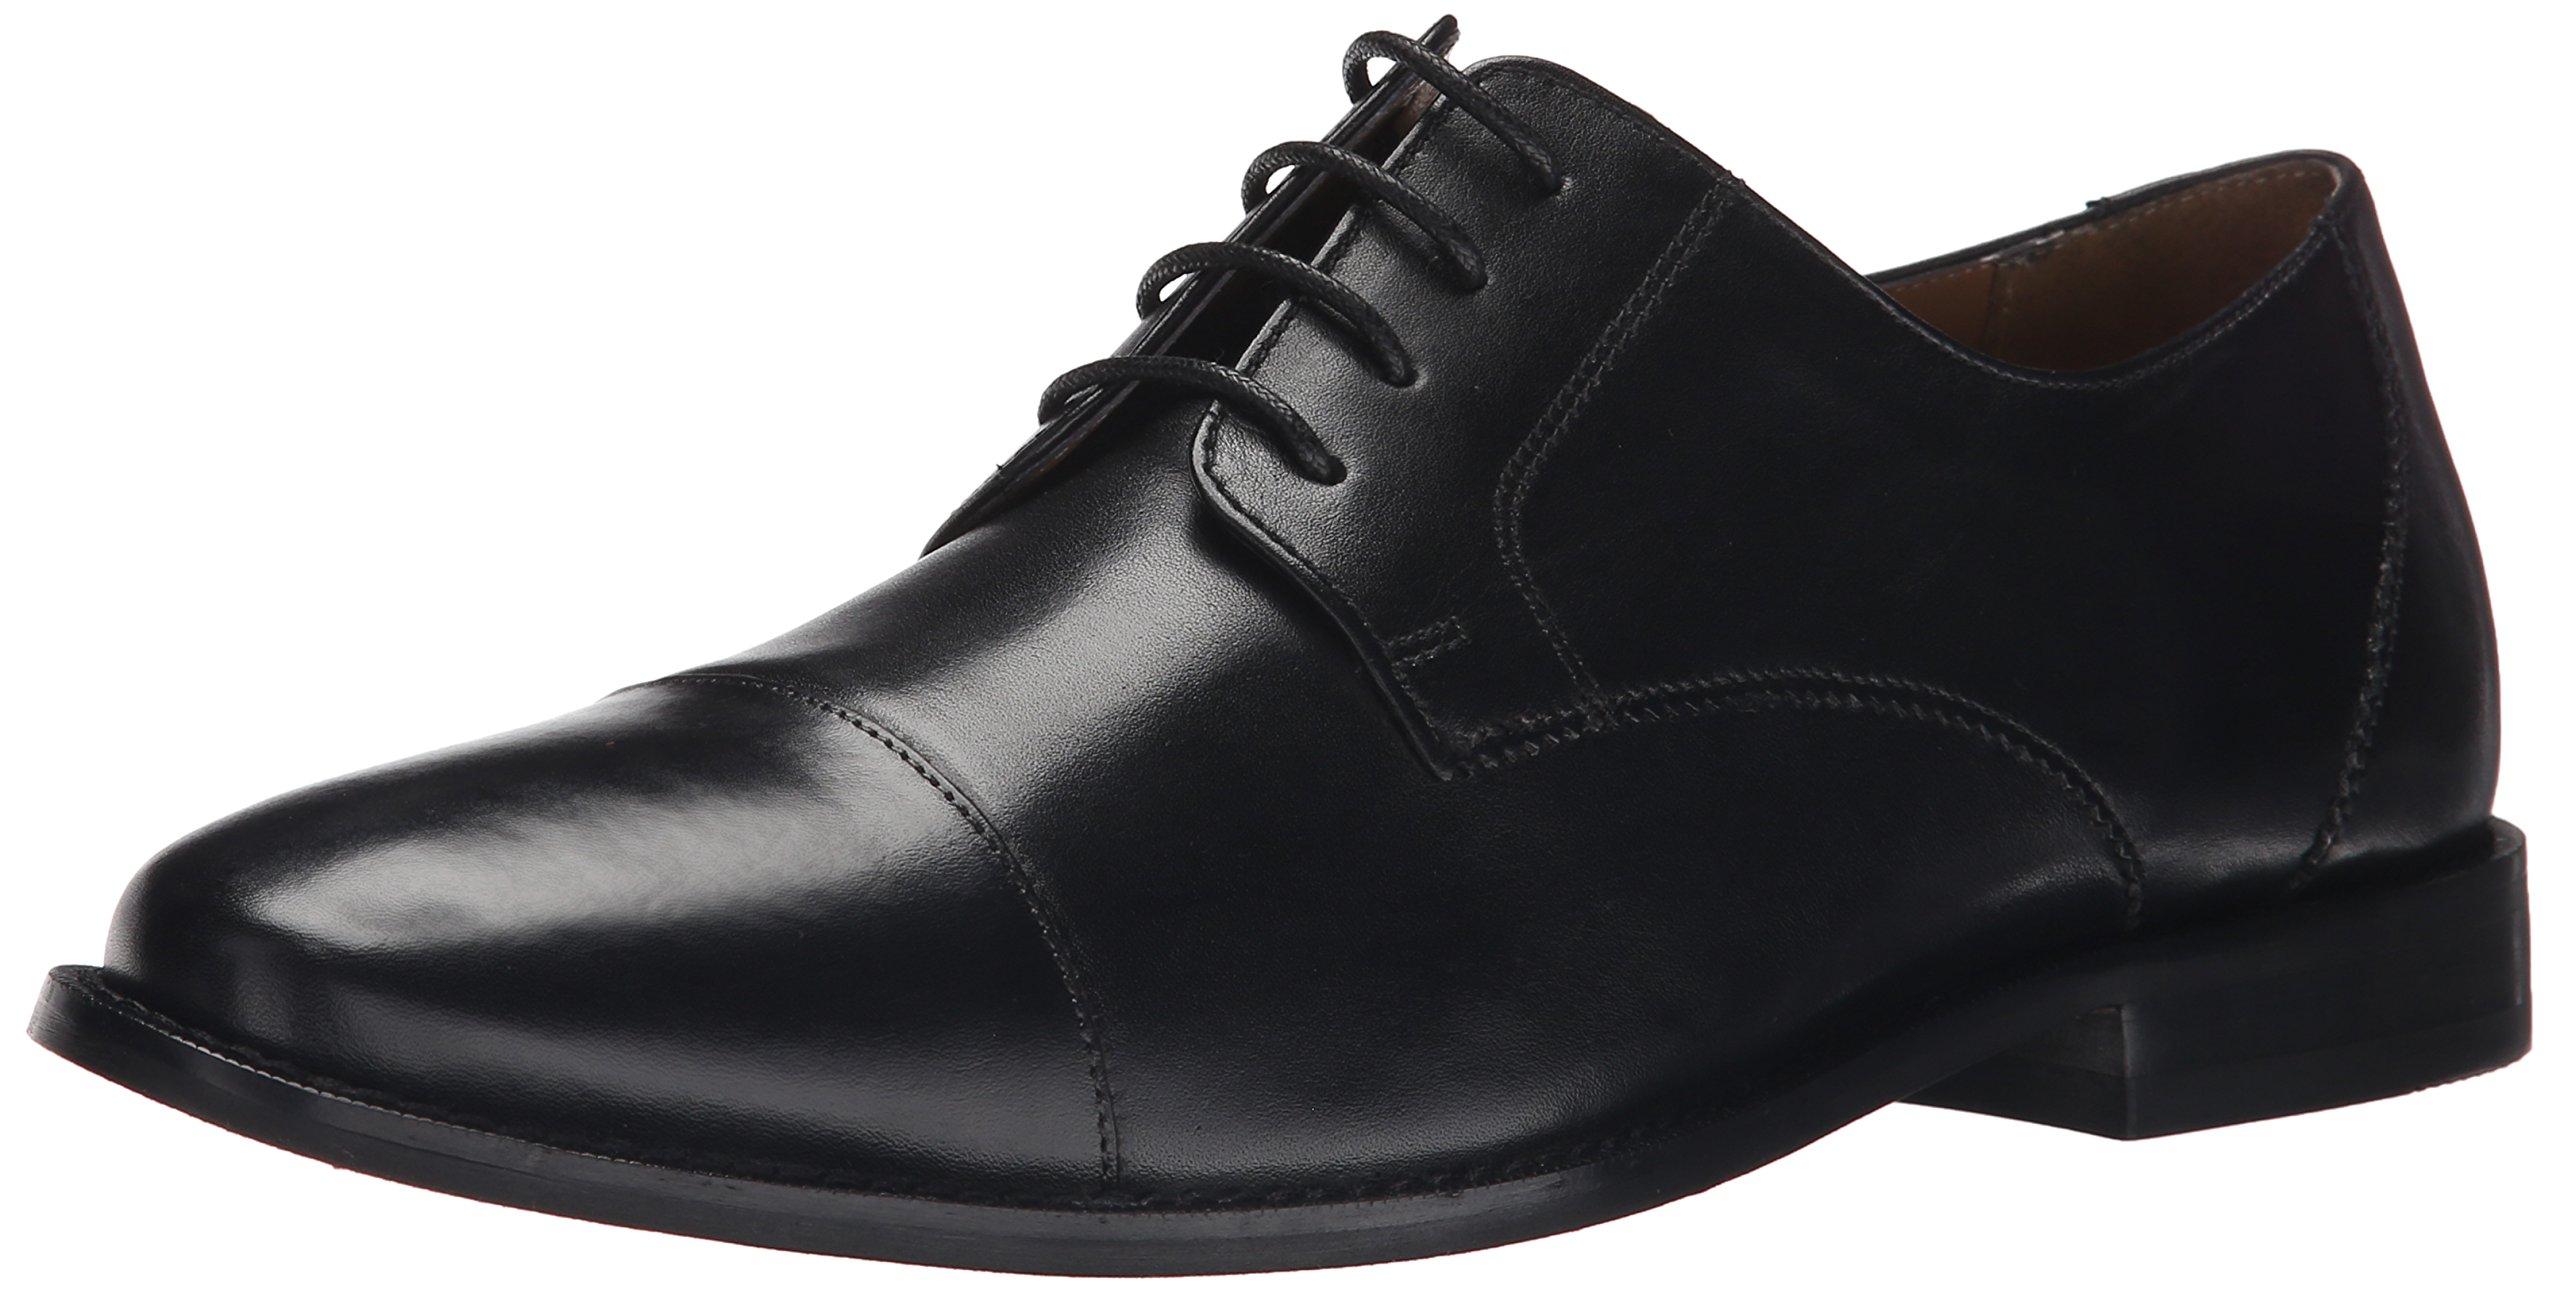 Florsheim Men's Montinaro Cap Toe Dress Shoe Lace Up Oxford, Black, 9.5 3E US by Florsheim